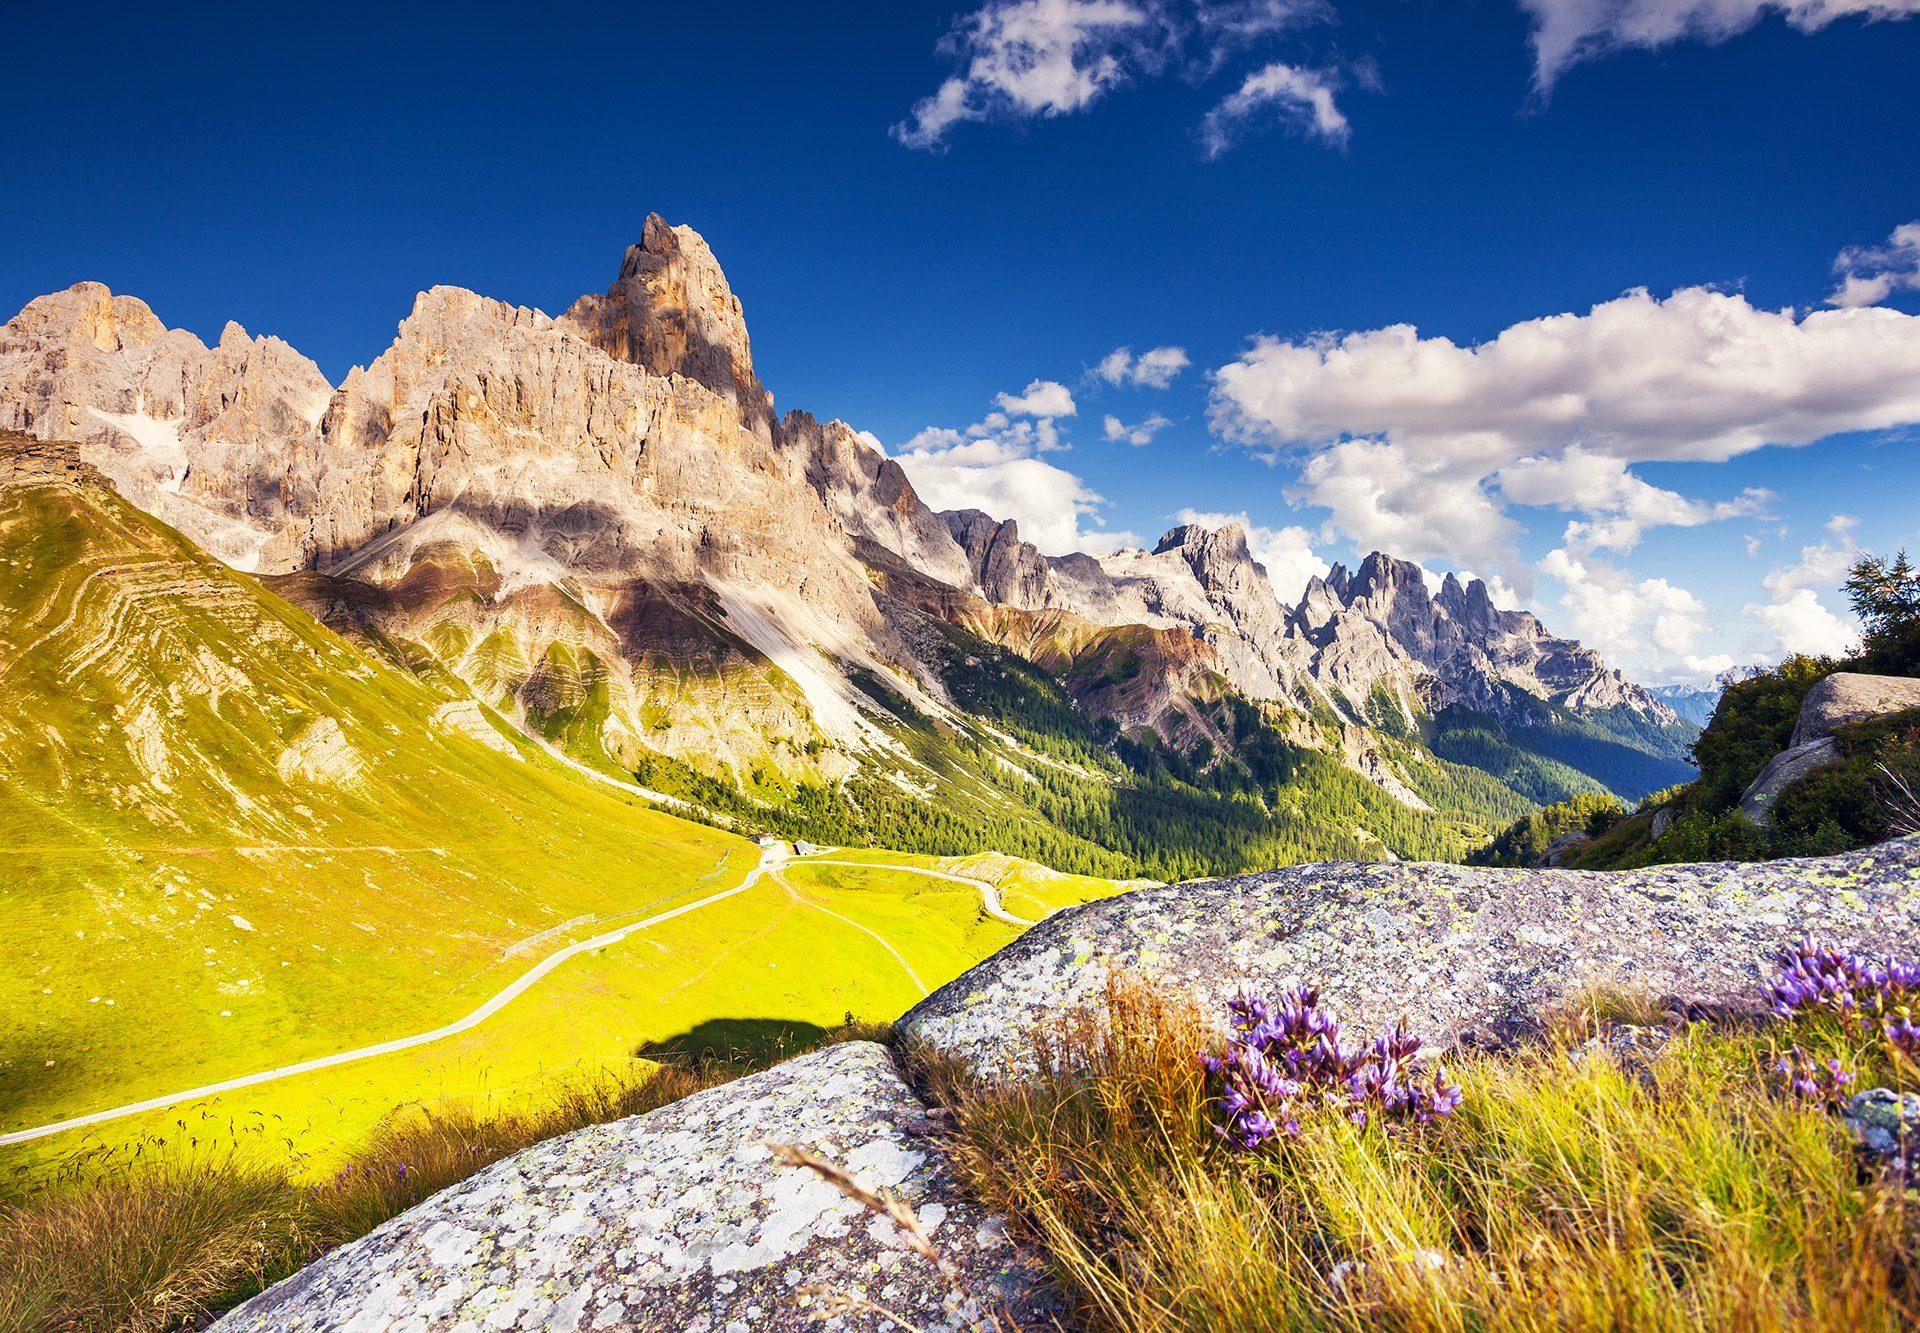 Berge im Herbst mit Blumenwiese